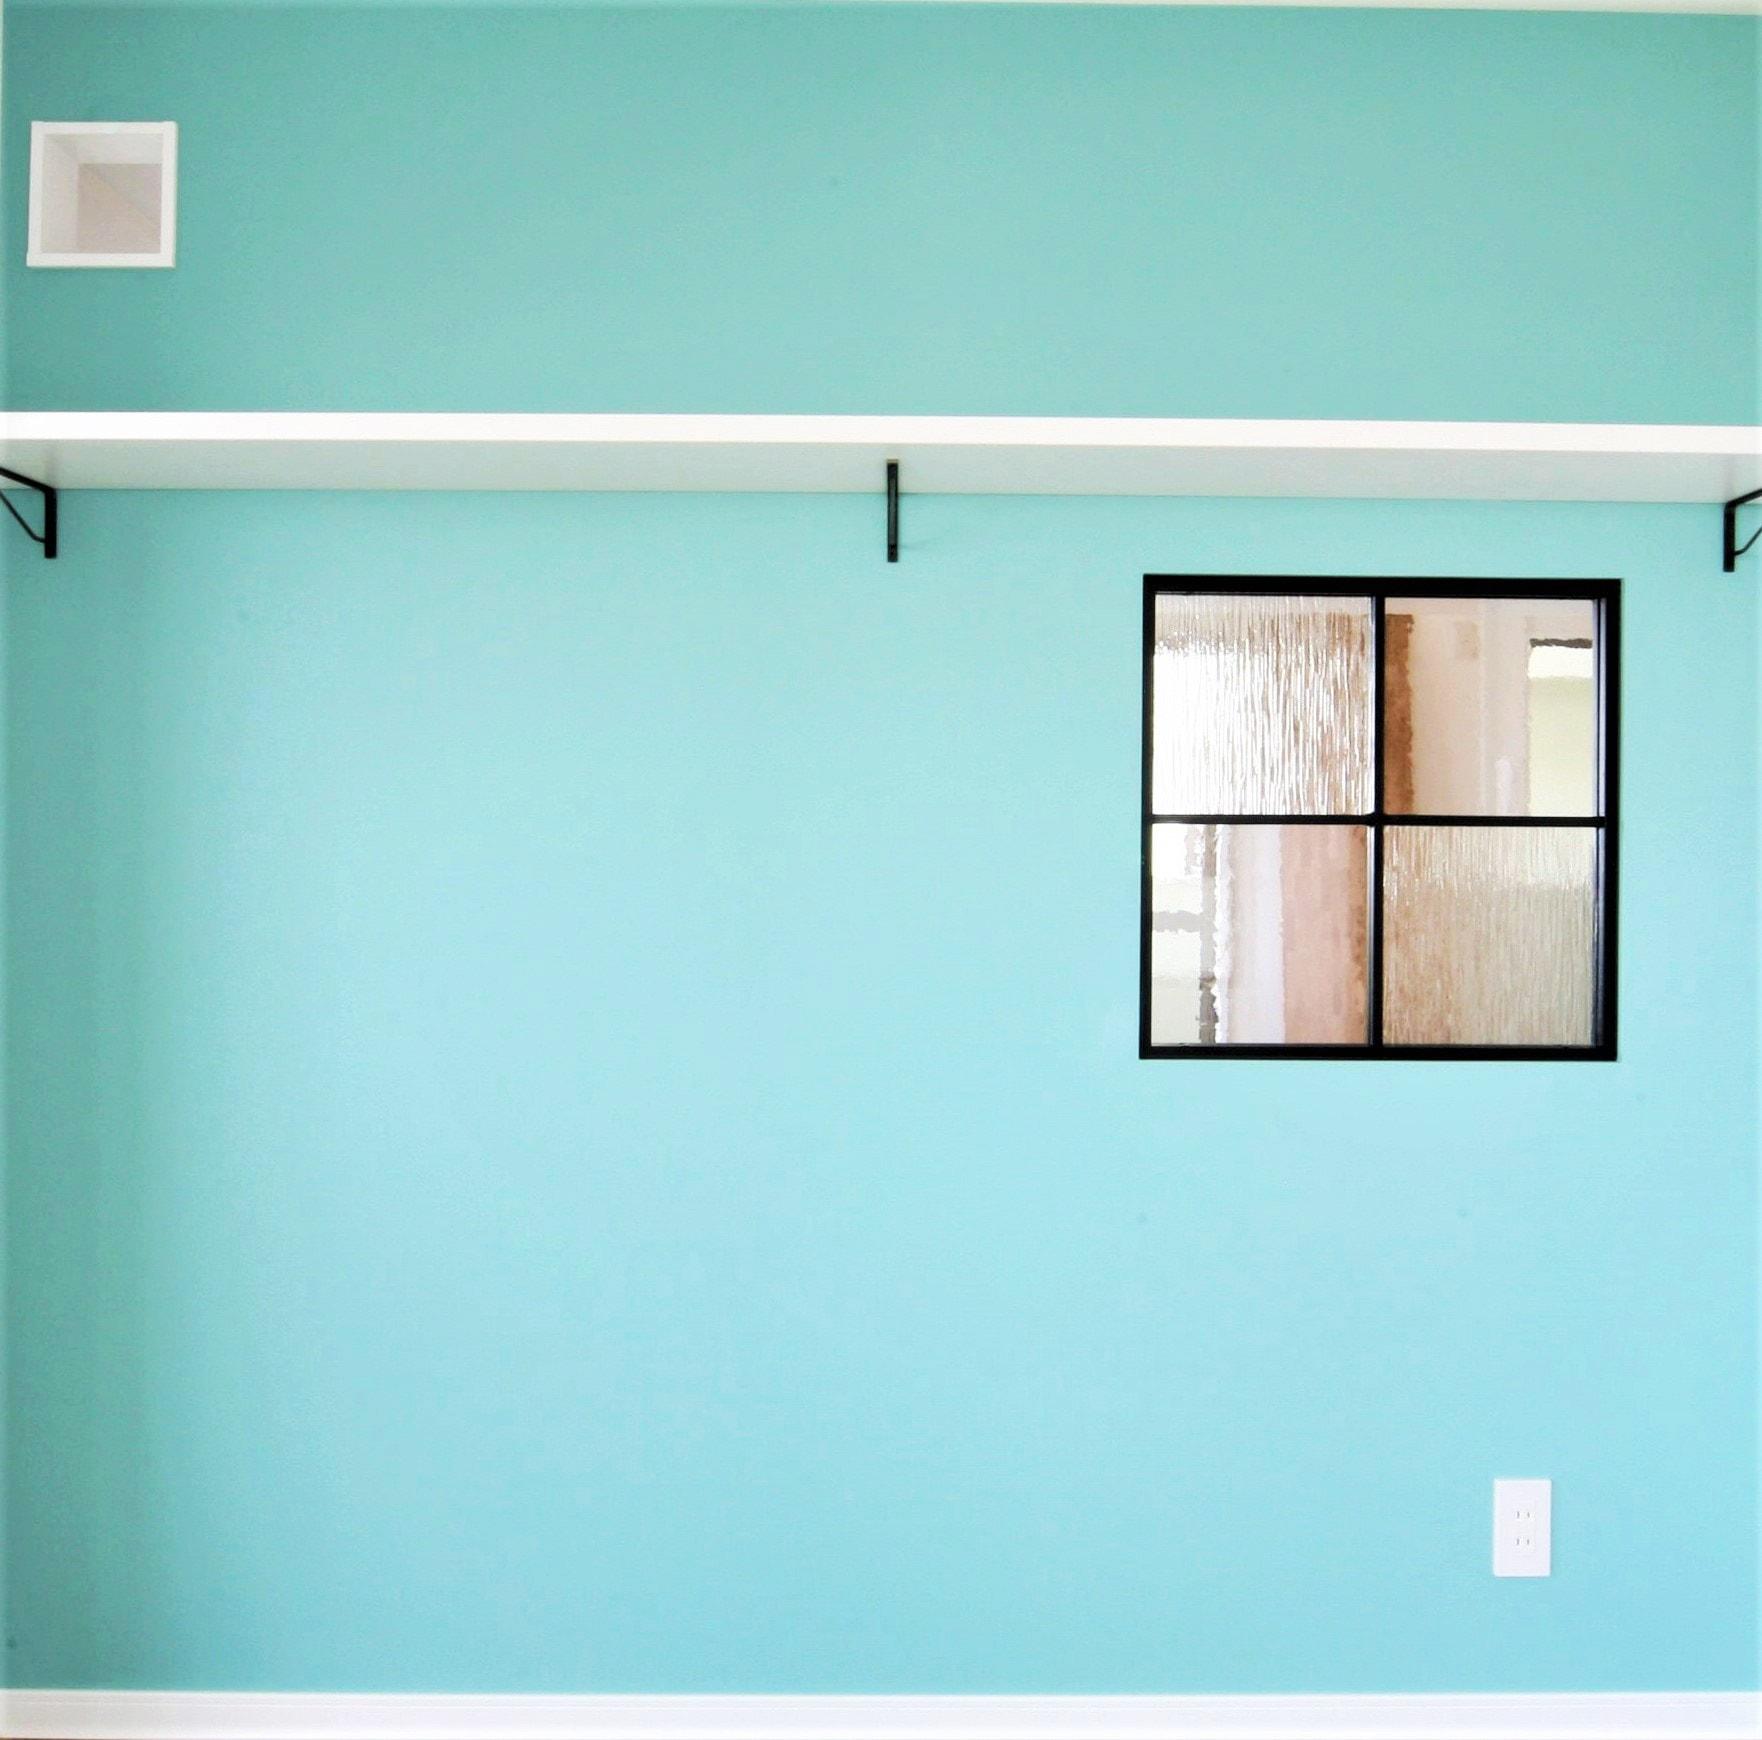 ~キャットウォークプラン例~ 飾り窓・棚設置、壁紙貼替(同一タイプ) 工事費30万 ※ペット可物件のみ